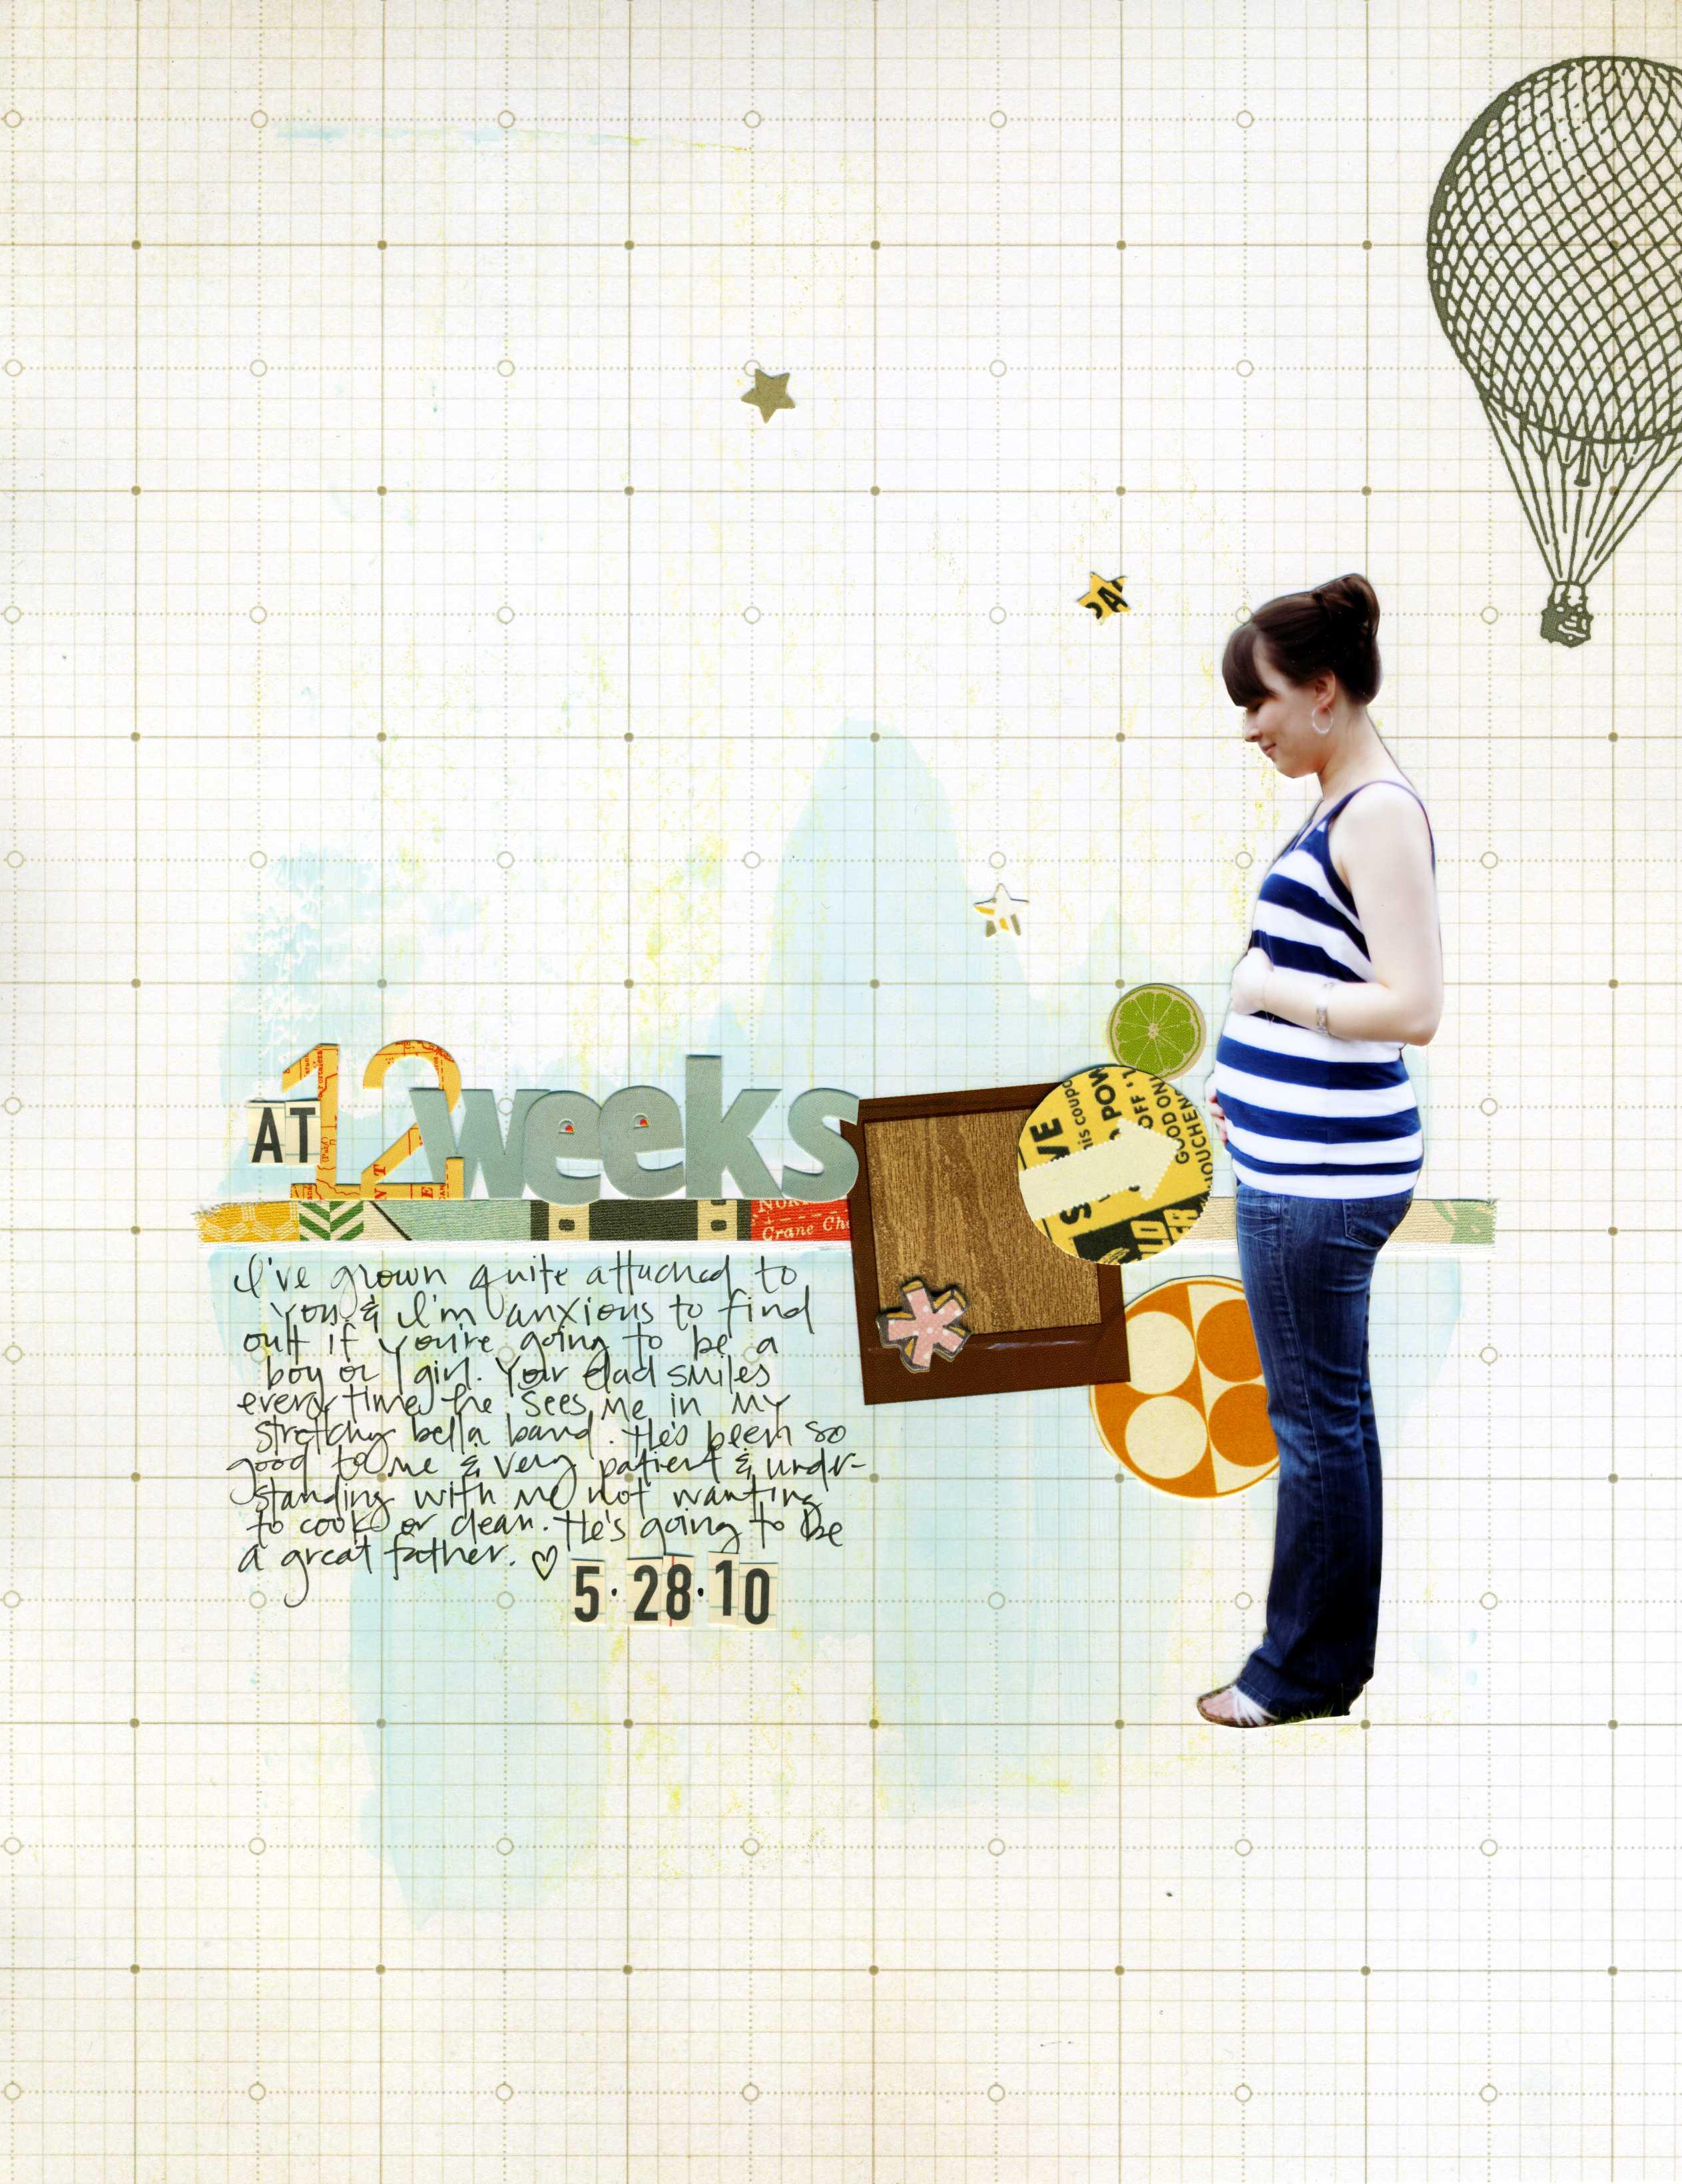 http://lifelovepaper.typepad.com/.a/6a00e54fcc5ed488340134828d0723970c-pi